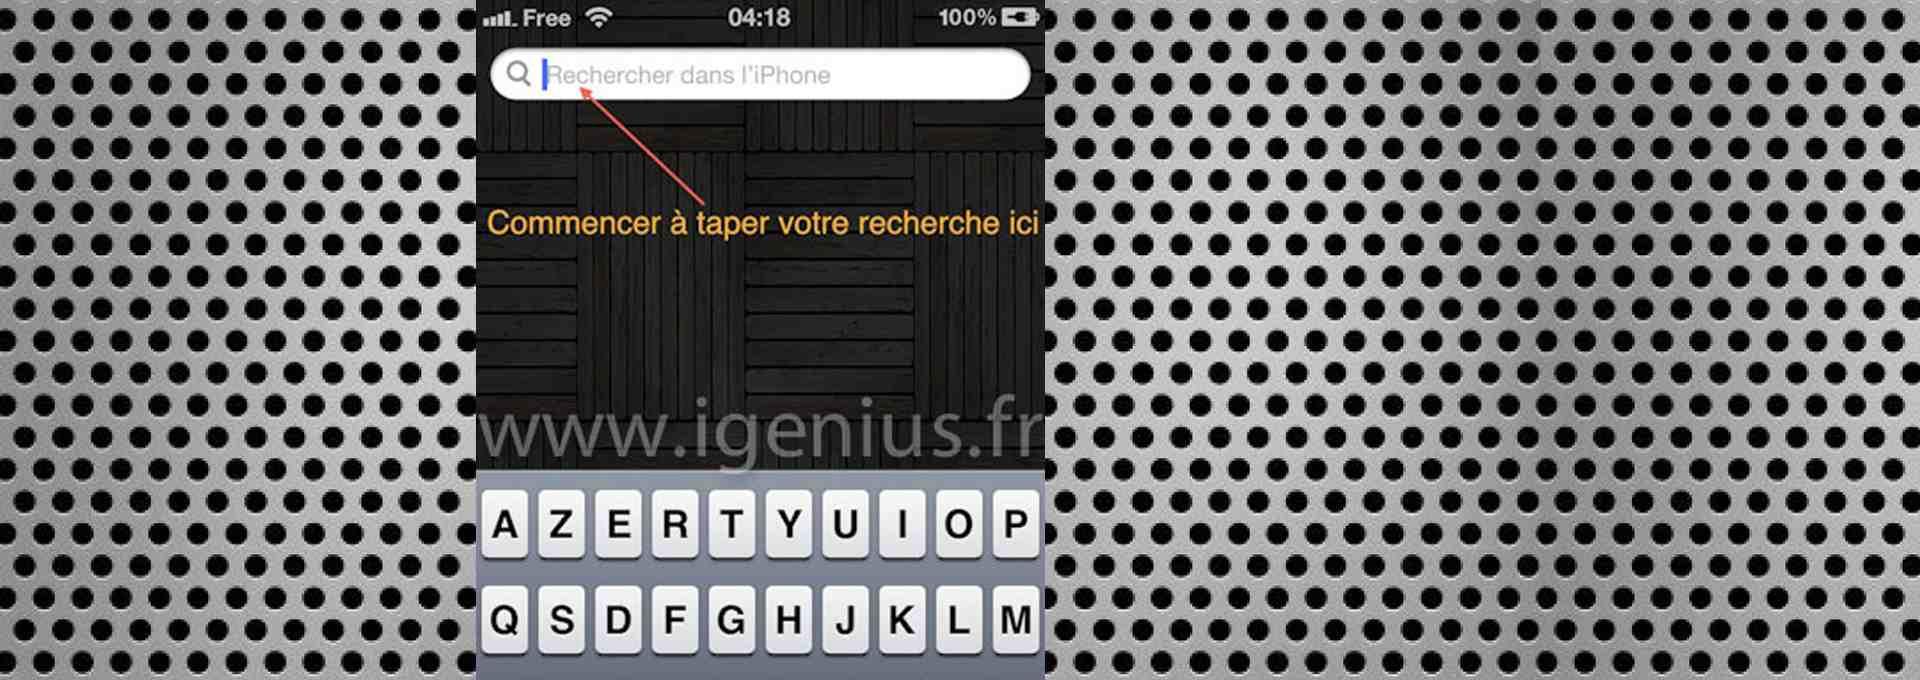 Comment faire une recherche (Spotlight) dans le contenu de mon iPhone ? (iGenius)